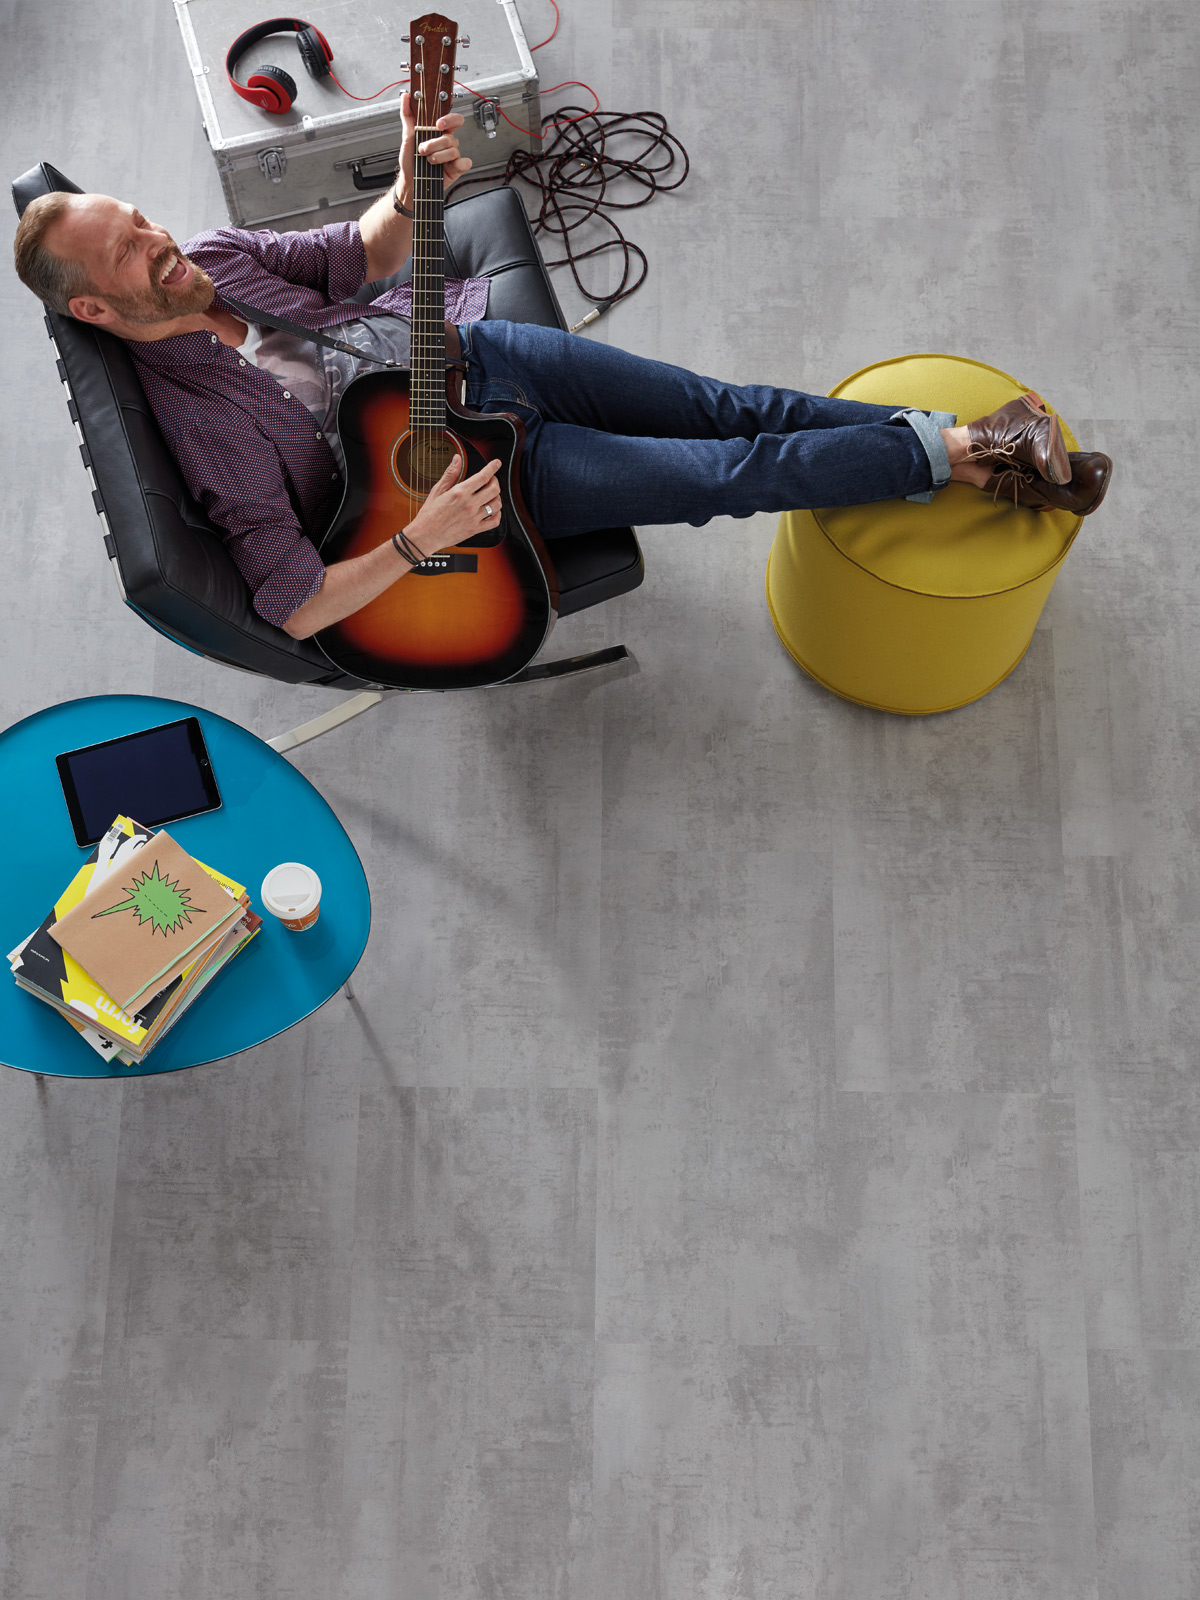 wineo Bodenbelag Mann auf Sessel Gitarre Kopfhörer